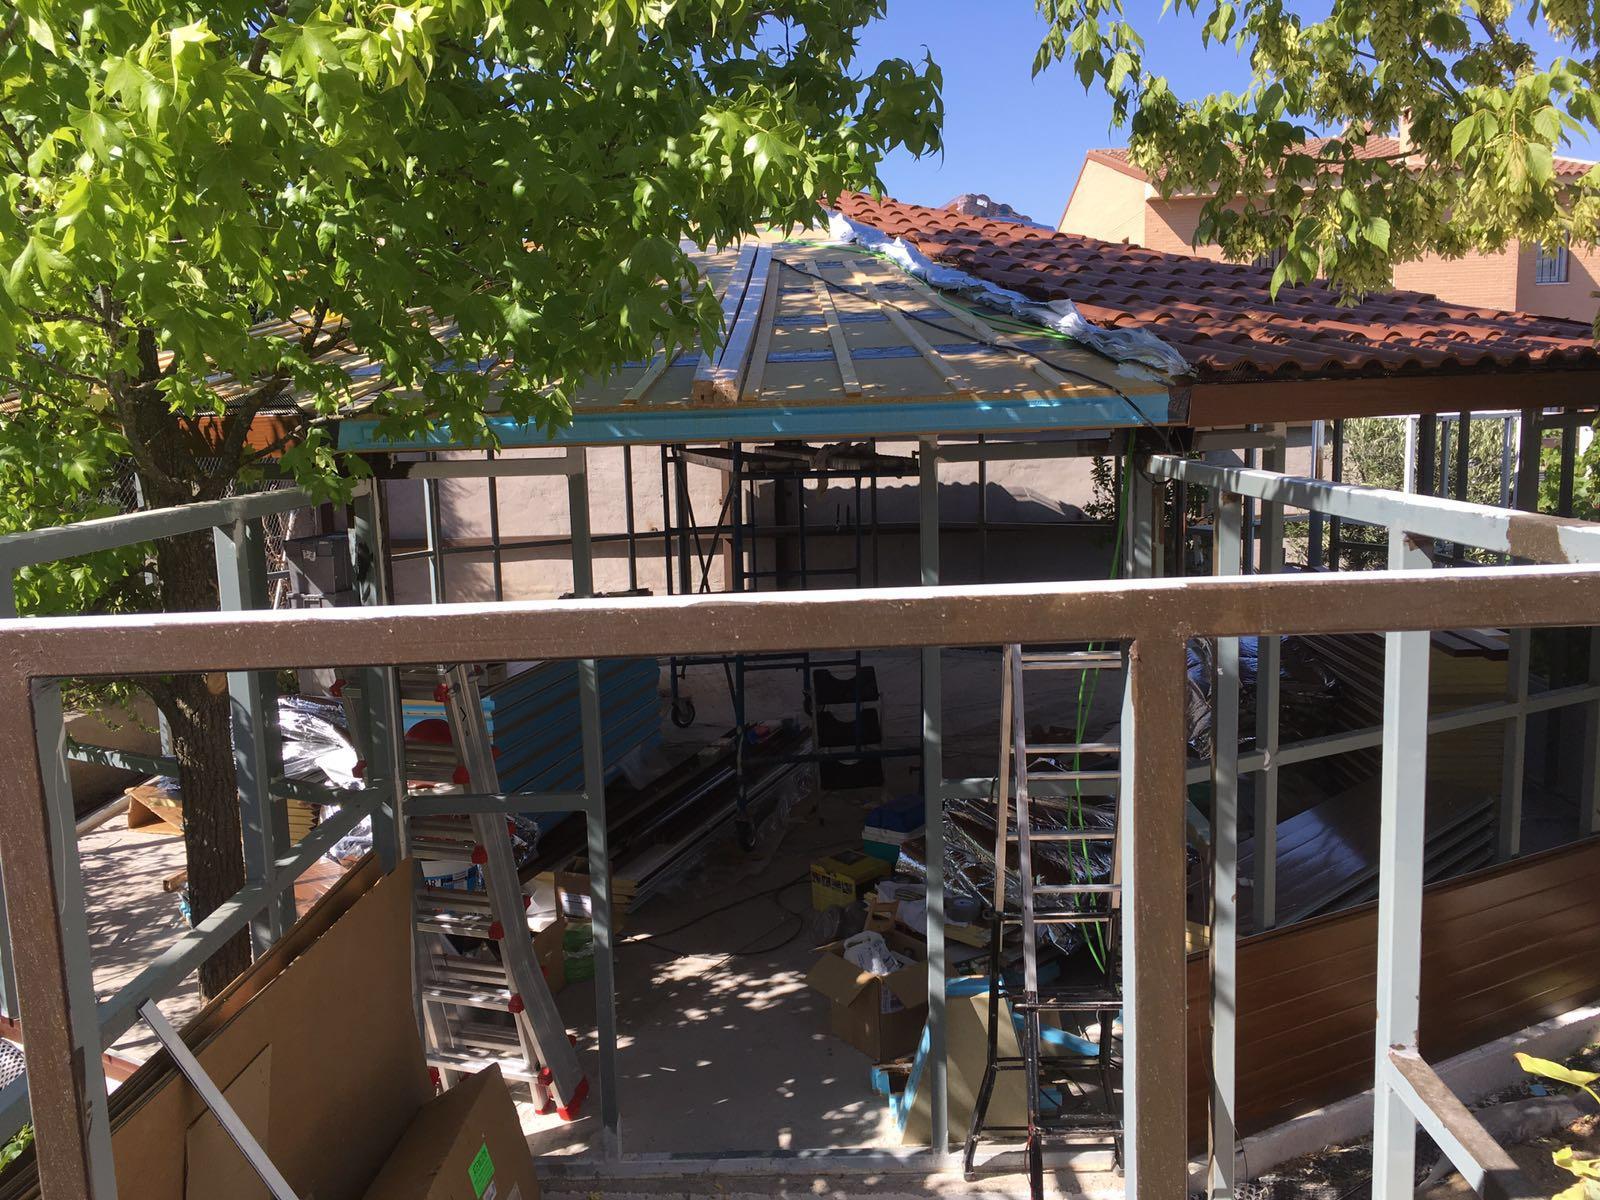 Tejas Roofy Instalaci N Usos Y Ventajas De Las Tejas Pl Sticas ~ Claraboyas Para Techos Leroy Merlin